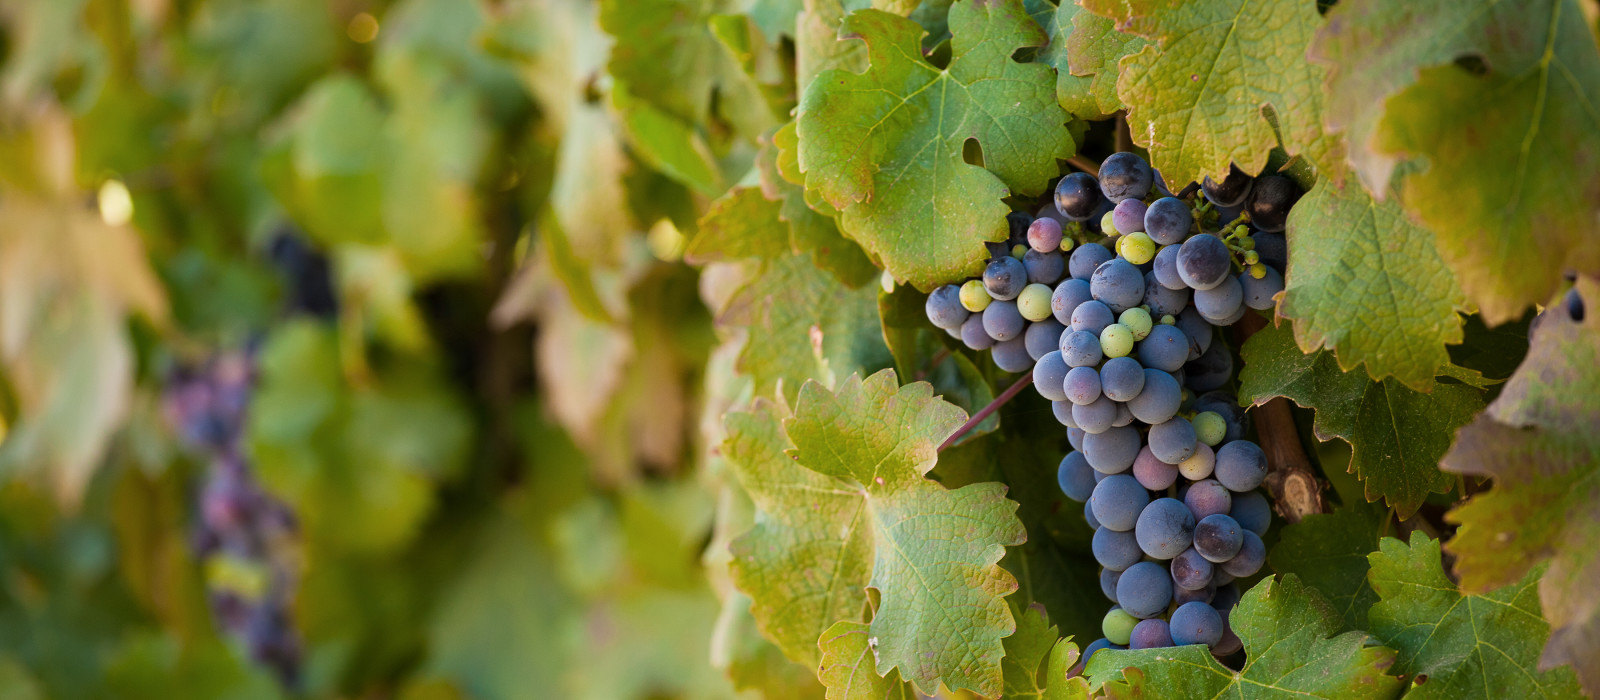 Trauben, die kurz vor der Weinlese in den Weinbergen Südafrikas in der Rebe hängen